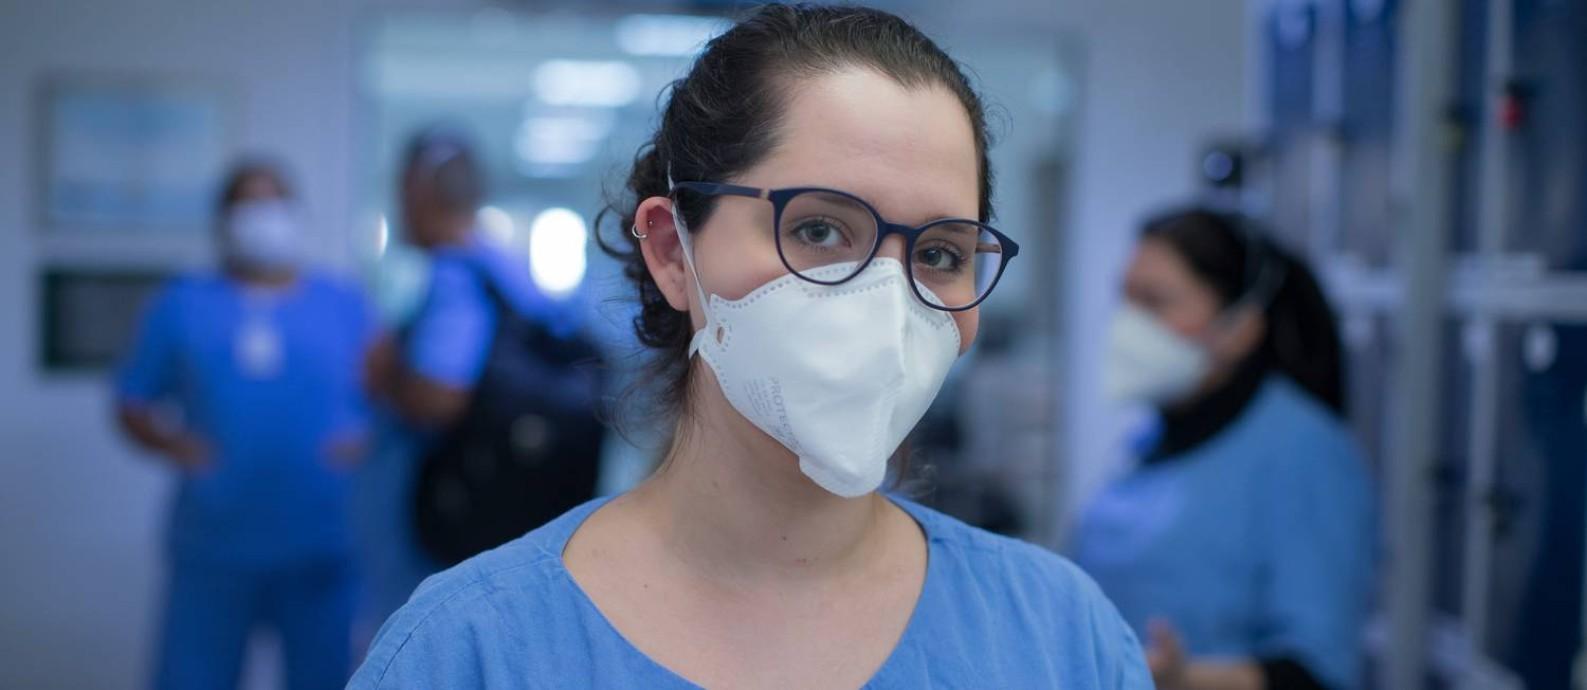 Fernanda Cristina de Almeida, de 23 anos, é dentista residente numa UTI no Hospital São Paulo Foto: Edilson Dantas / Agência O Globo